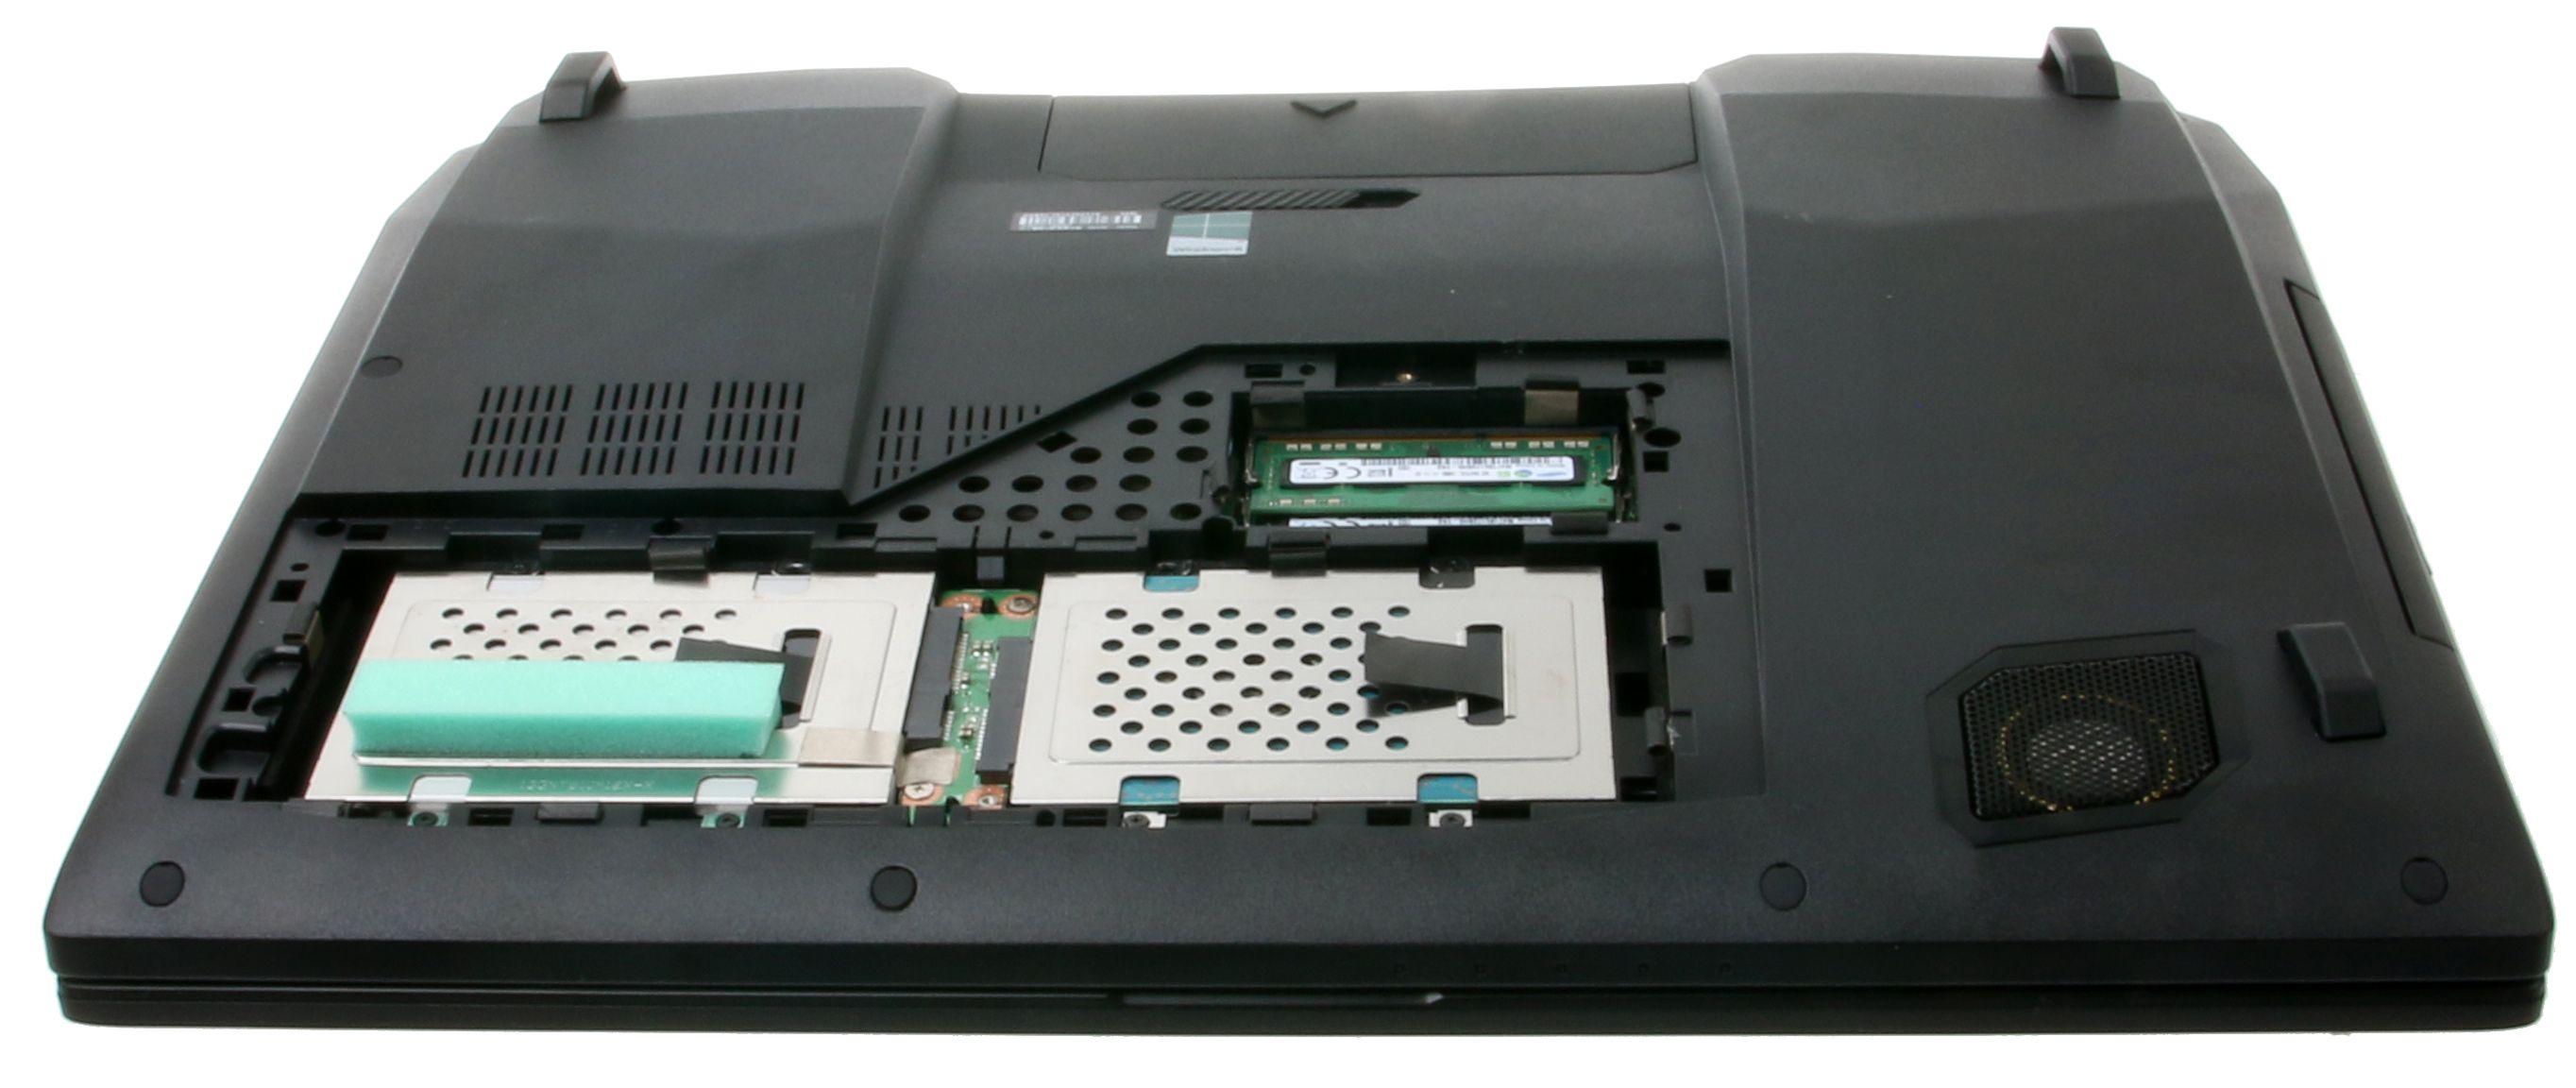 Bytt en av de to SSD-ene, snurredisken eller sett inn mer minne i de to minnesporene.Foto: Anders Brattensborg Smedsrud, Hardware.no